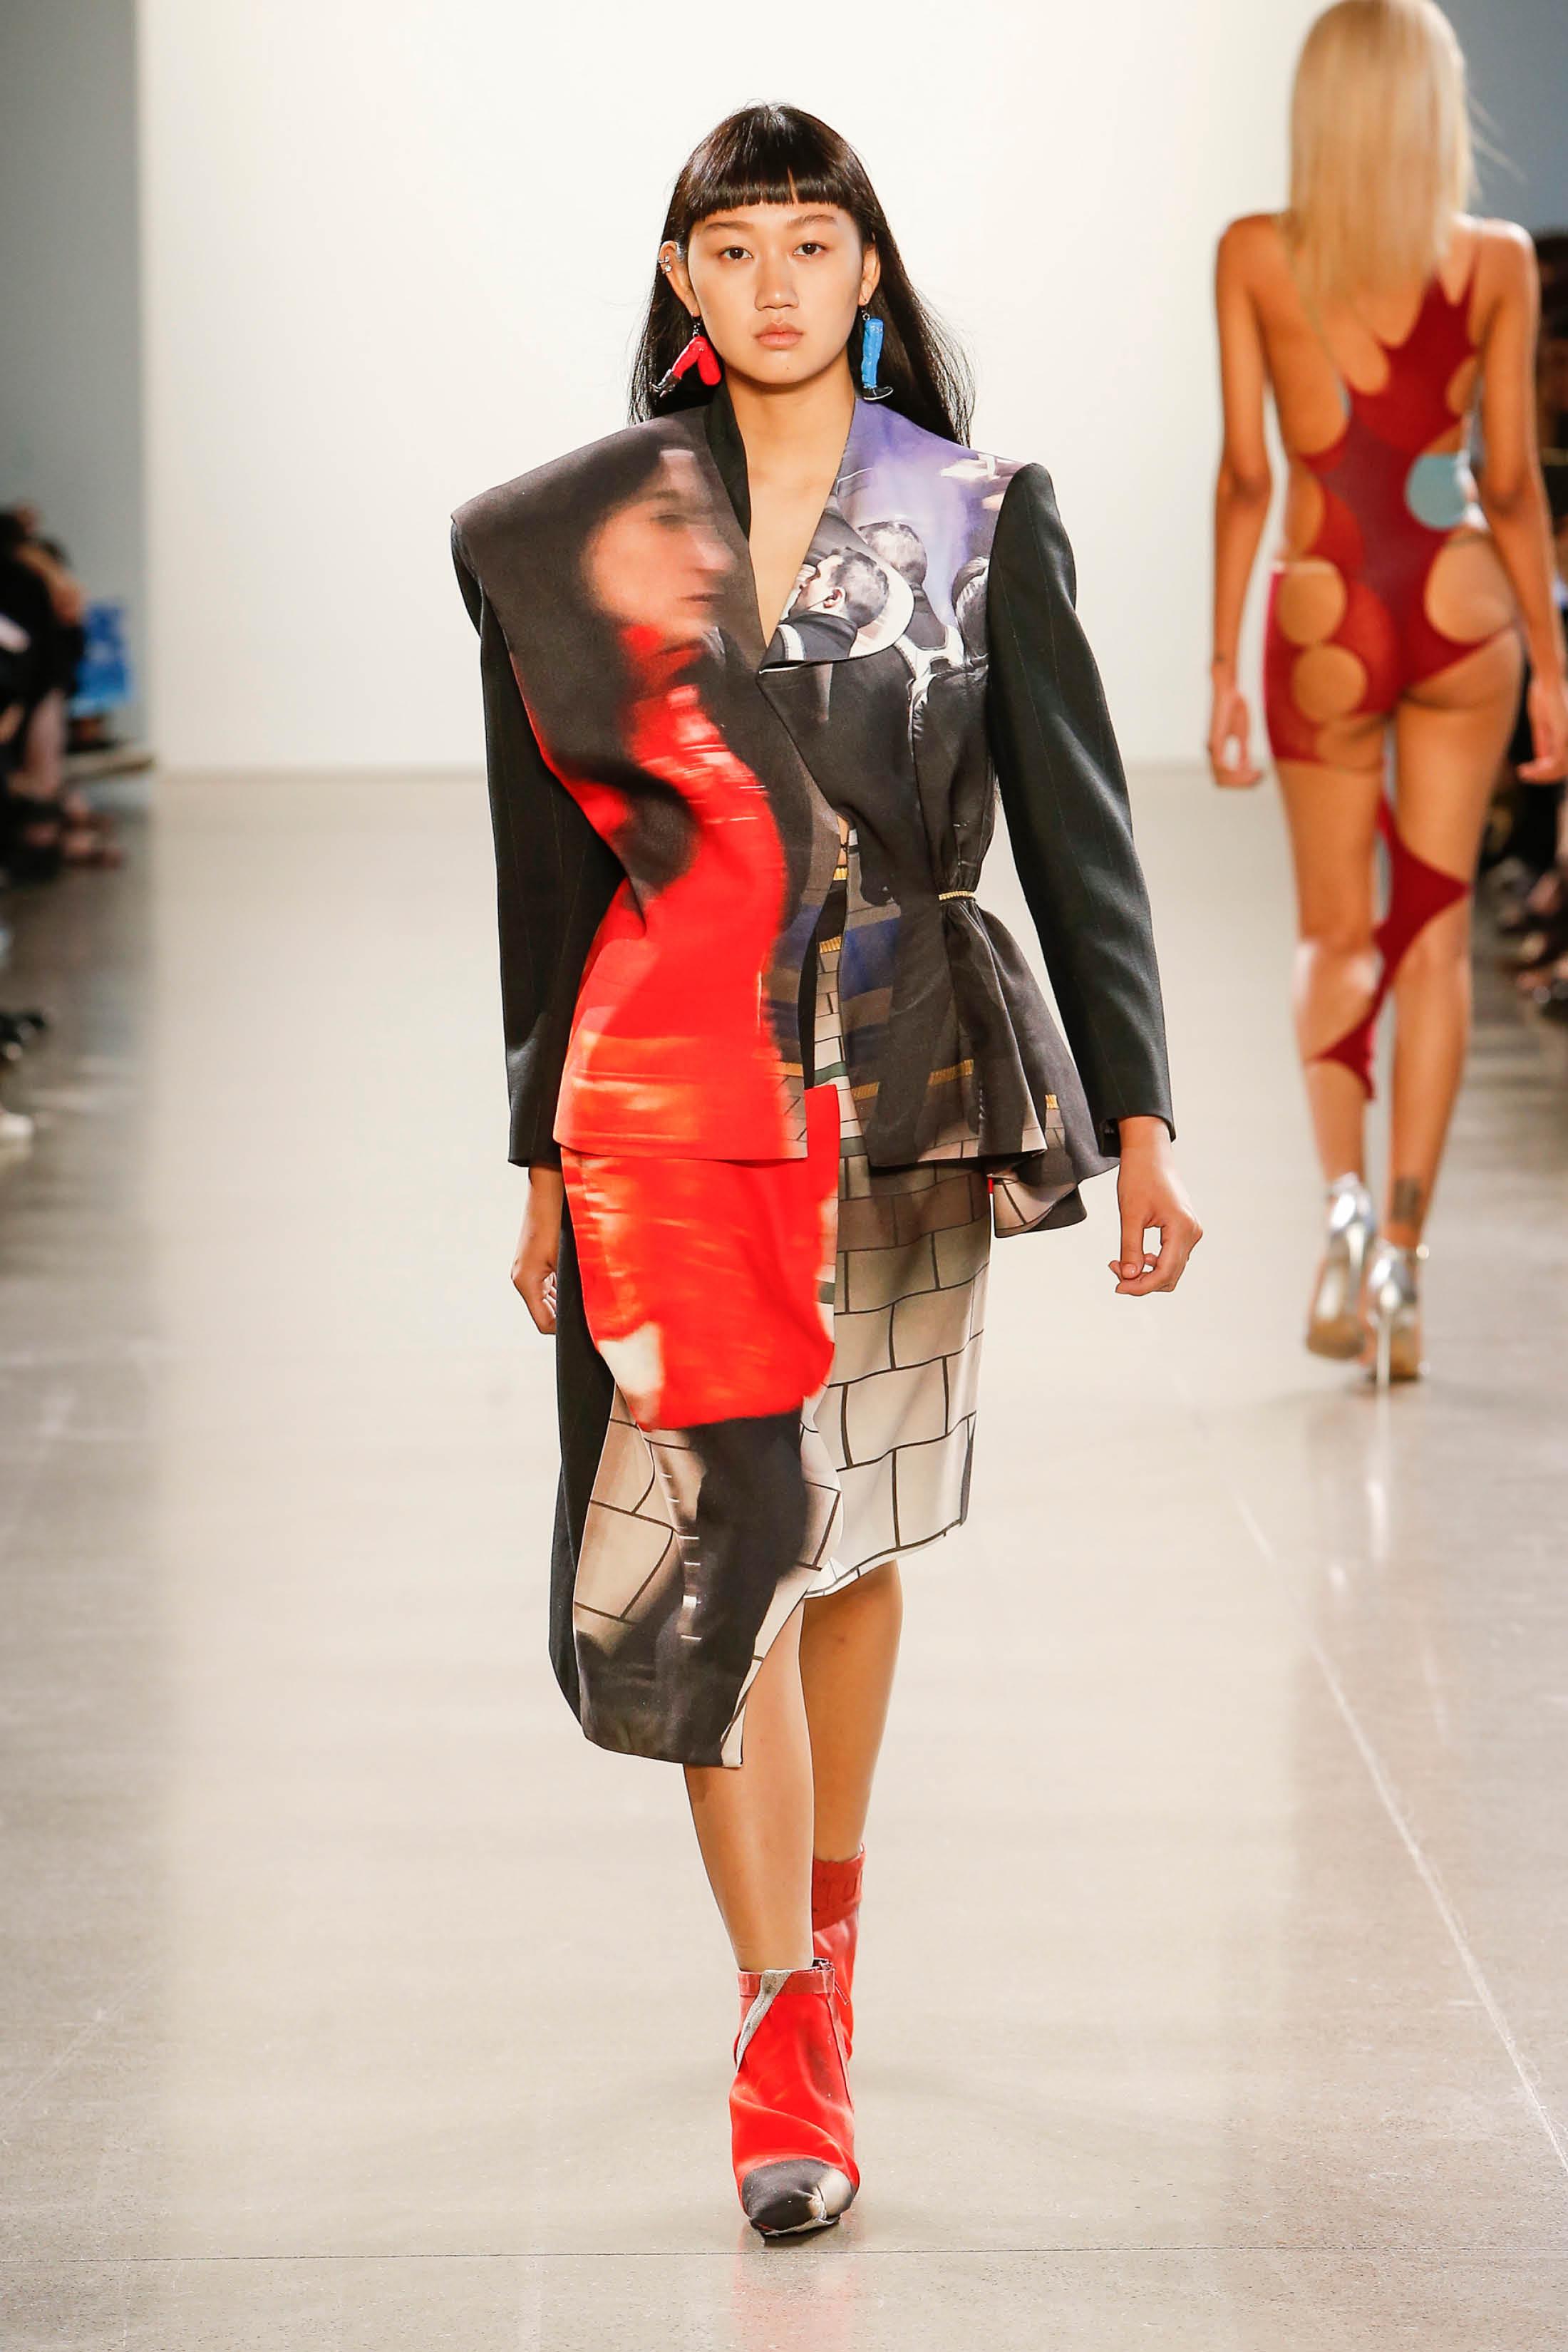 Image Courtesy of Limeng Ye Studio